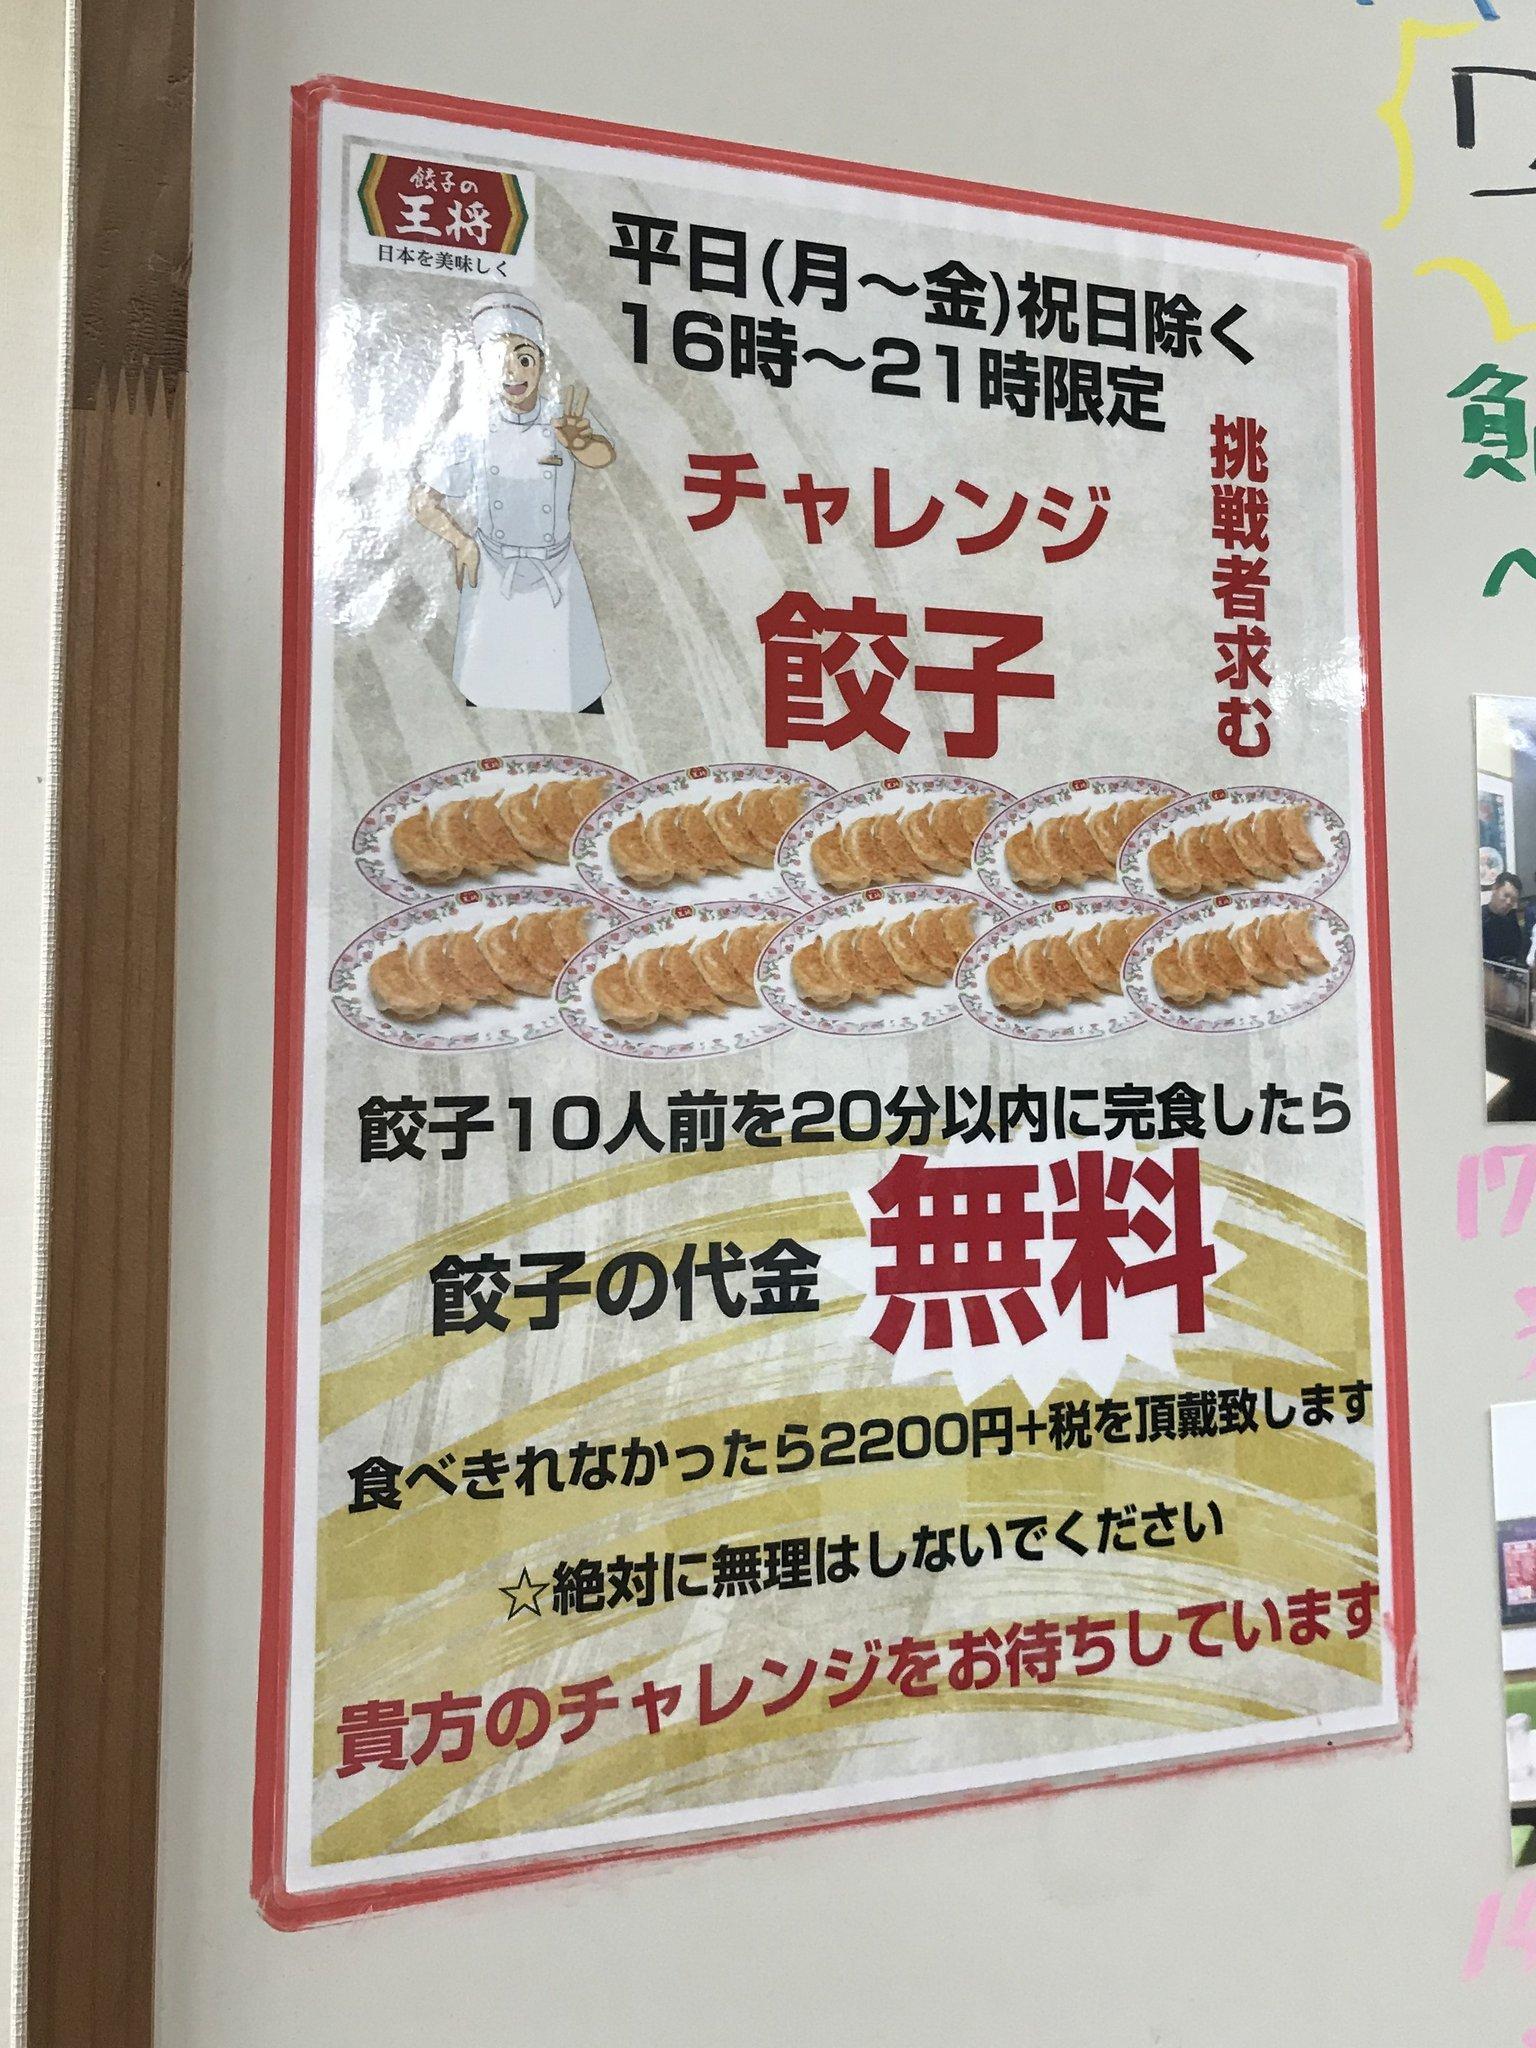 餃子の王将「餃子10人前を20分以内に完食したら餃子の代金無料!」←いや普通に行けるやろ?